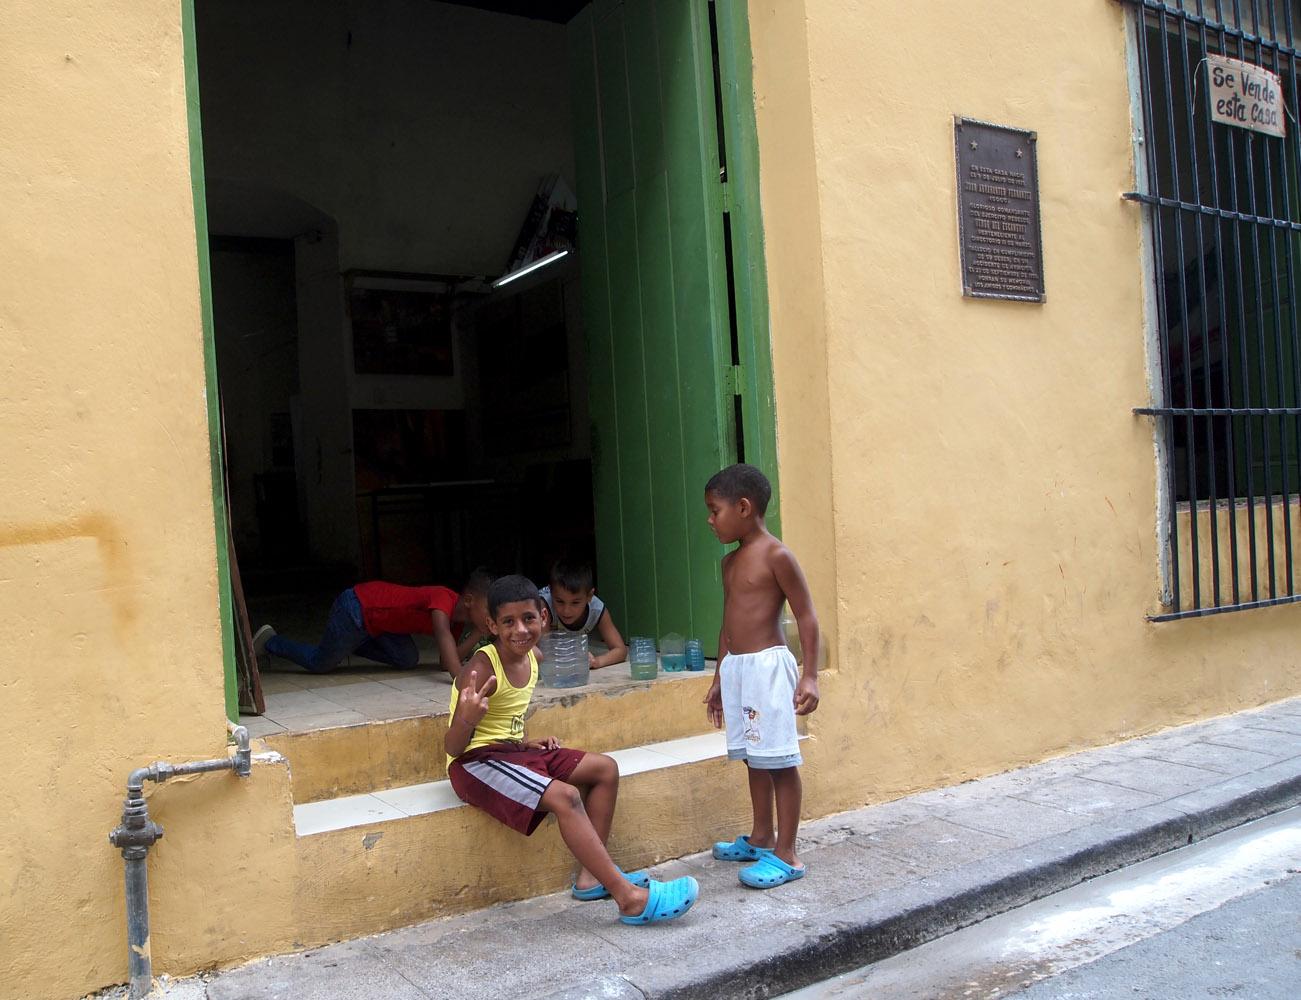 Cuba-Havana-Kids.jpg